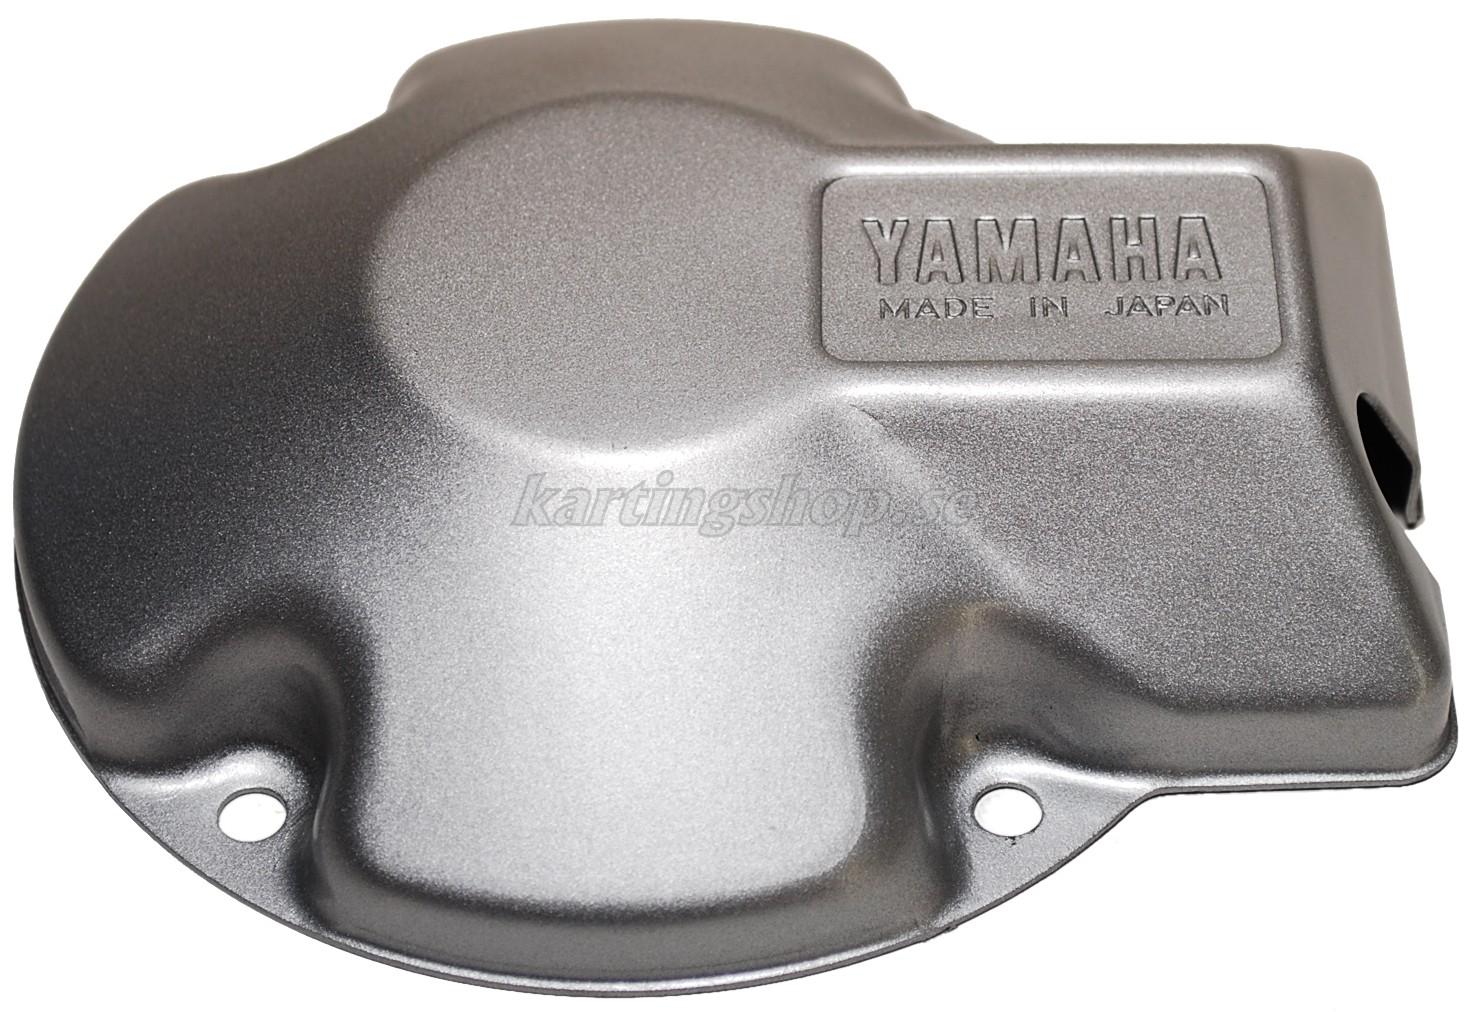 Yamaha KT 100 Svänghjulskåpa 7F6-15411-02-00